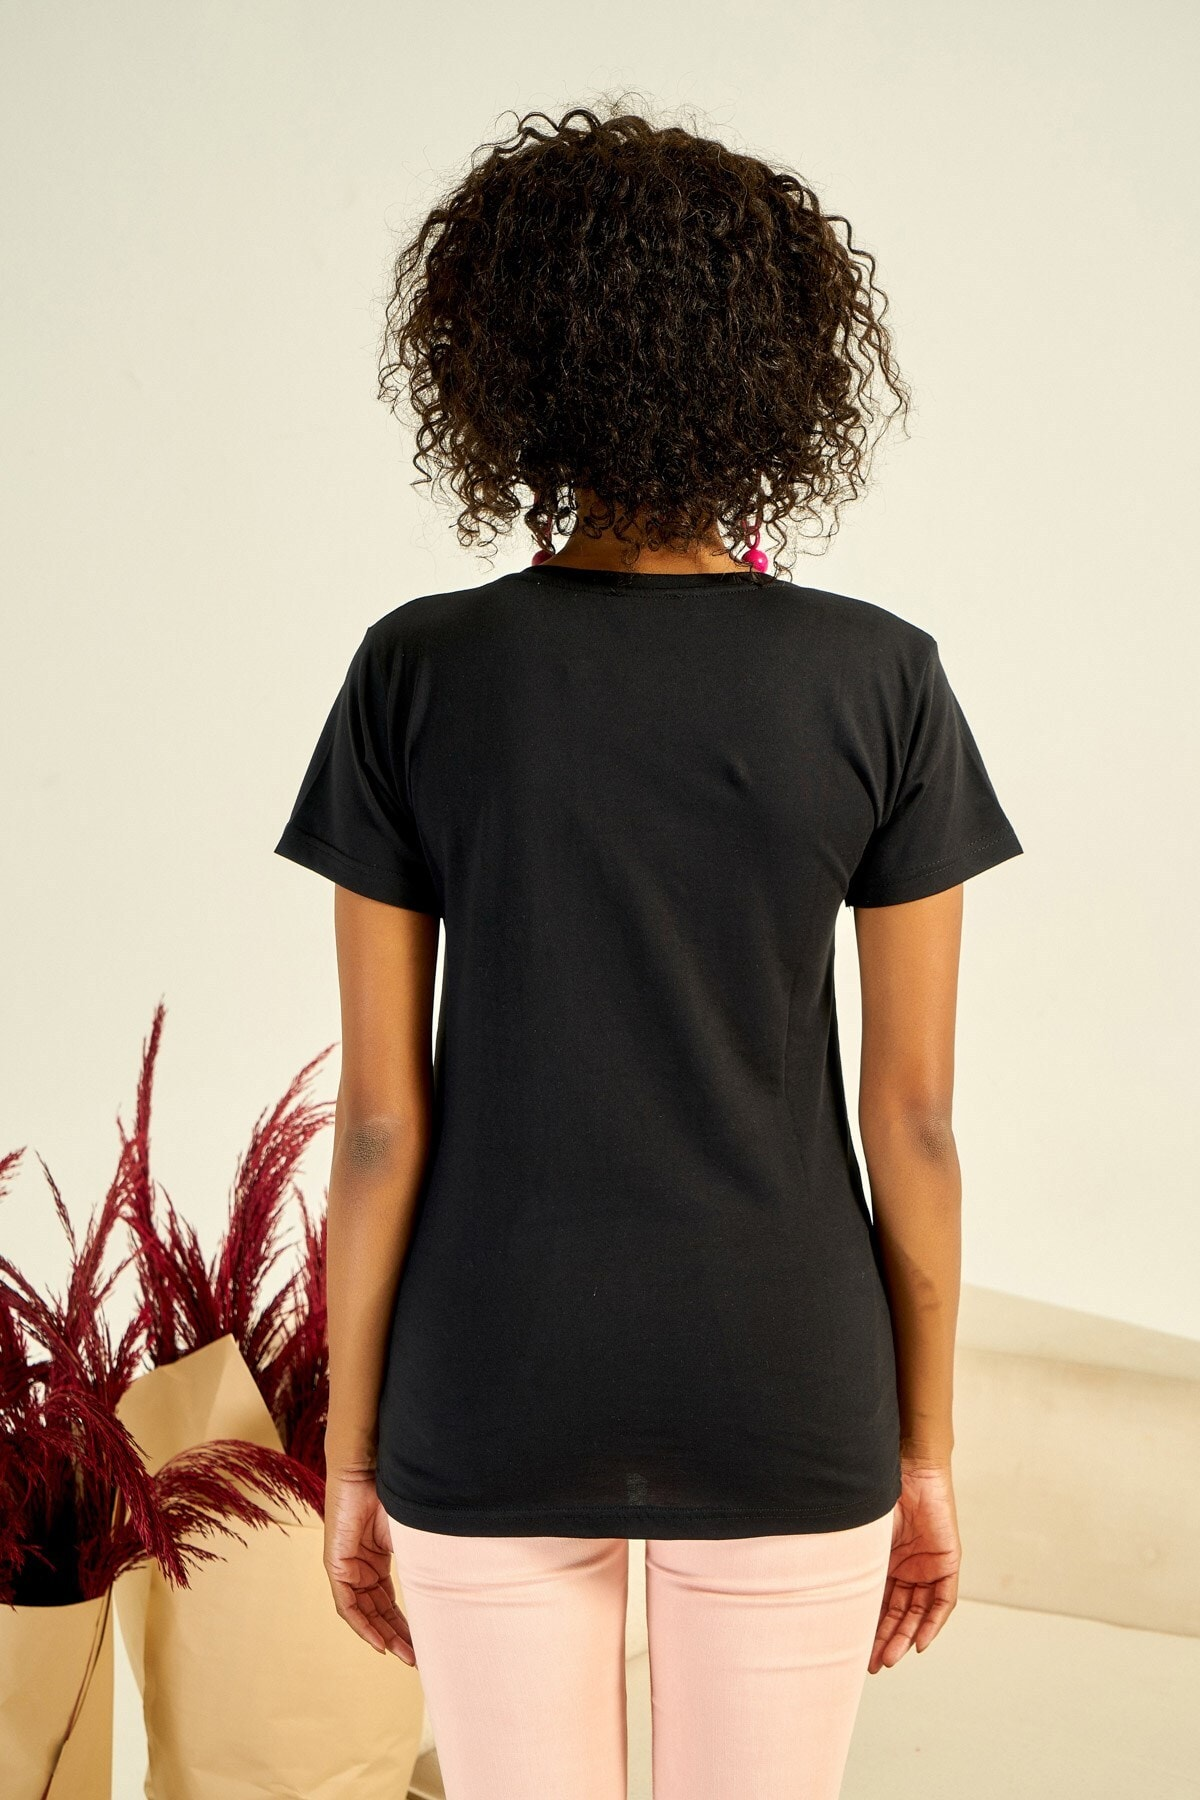 Boutiquen Kadın Siyah Önü Baskılı Taş İşlemeli T-shirt ZM-1979 4